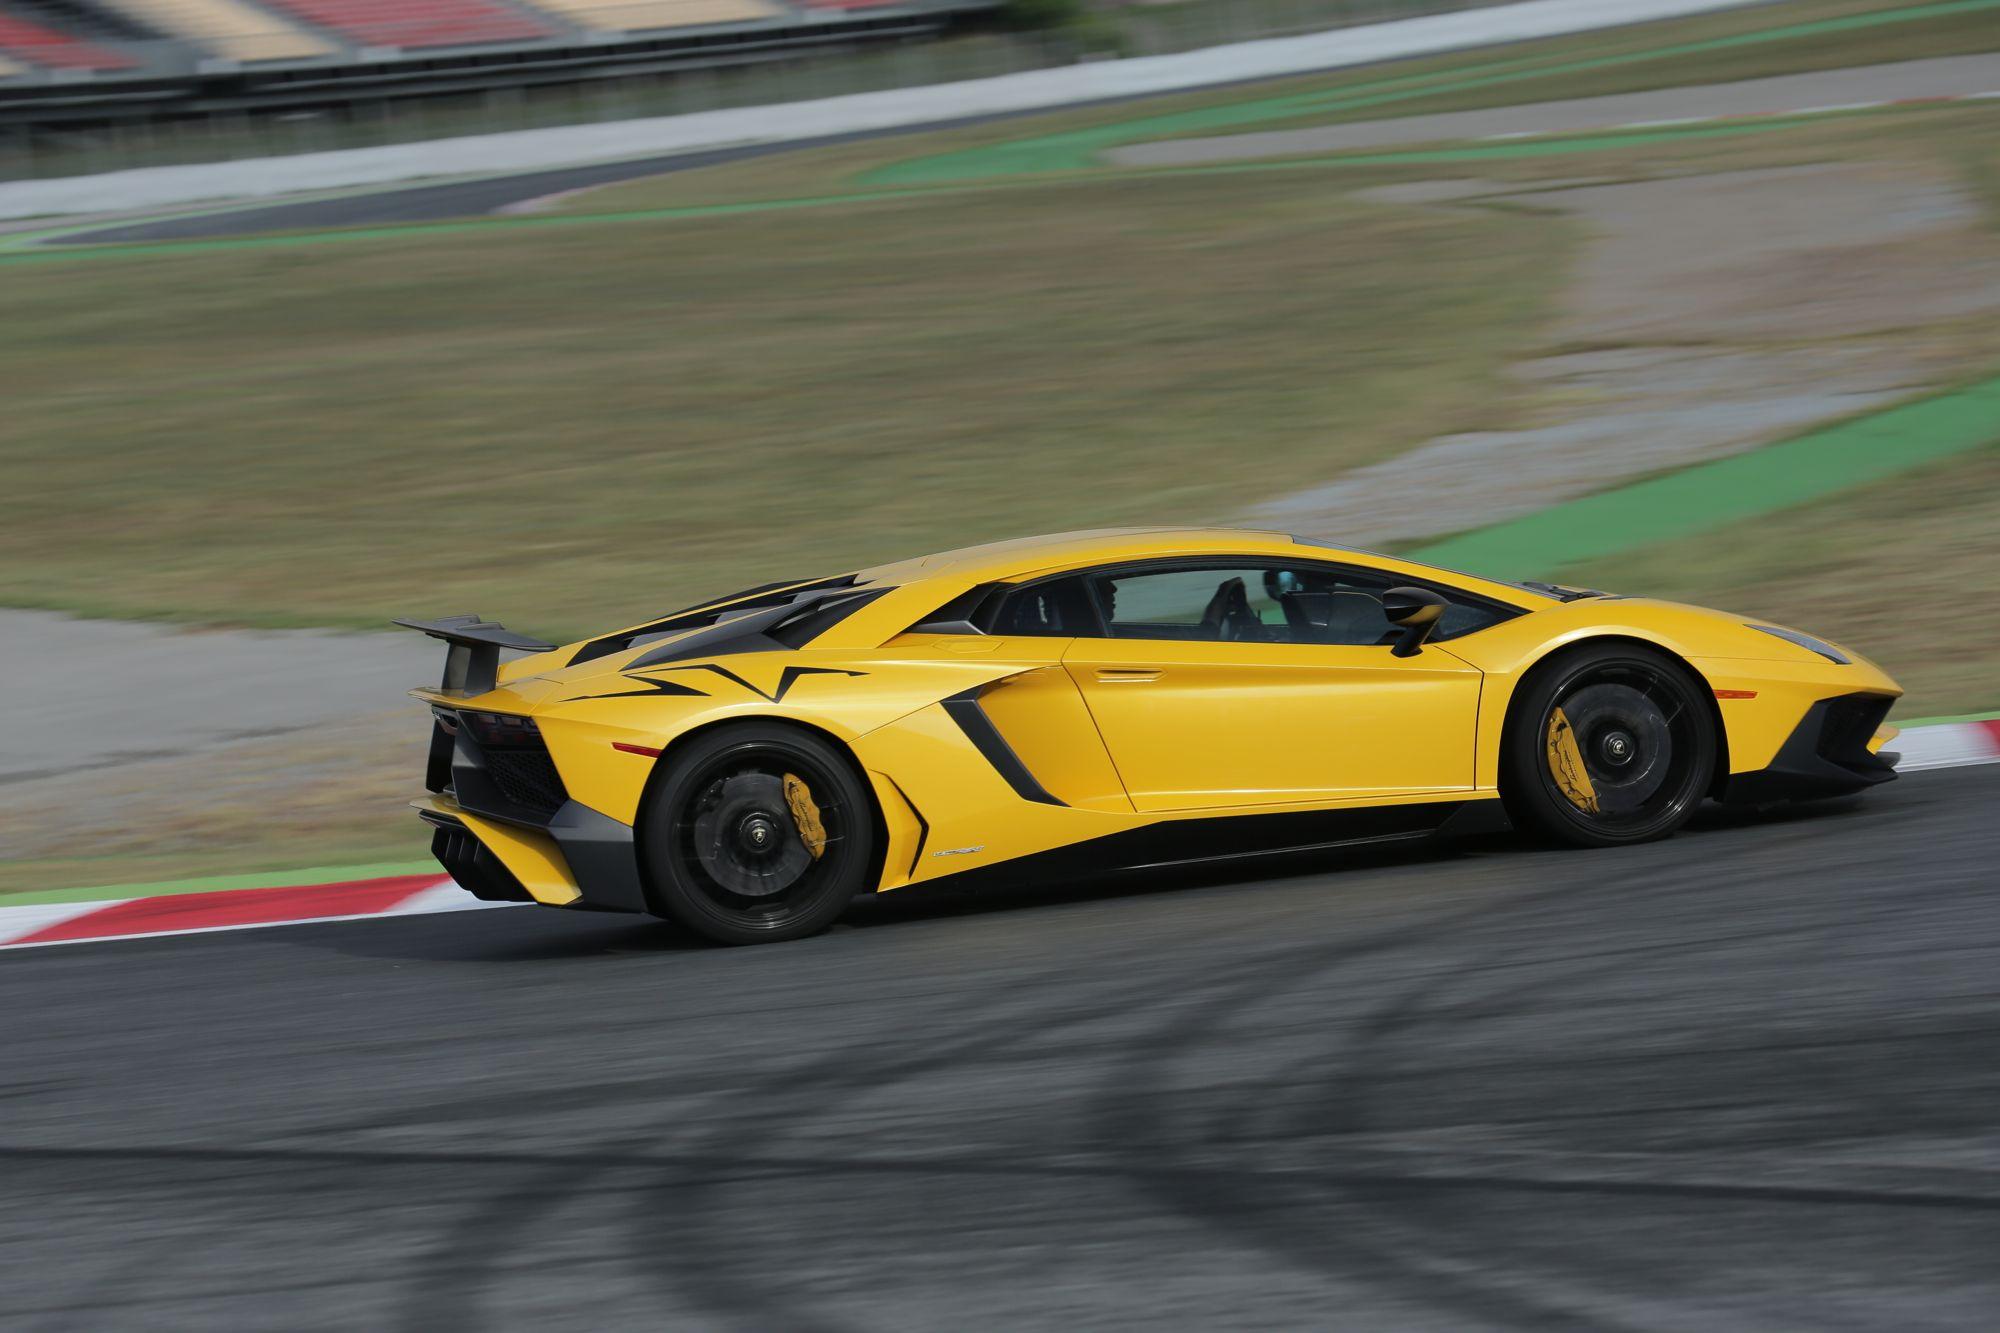 Theo truyền thống trong gia đình Lamborghini, nhiệm vụ của các phiên bản SuperVeloce khi được ra mắt là kết thúc dòng đời của một sản phẩm. Lamborghini Aventador LP750-4 SV cũng không phải là ngoại lệ.